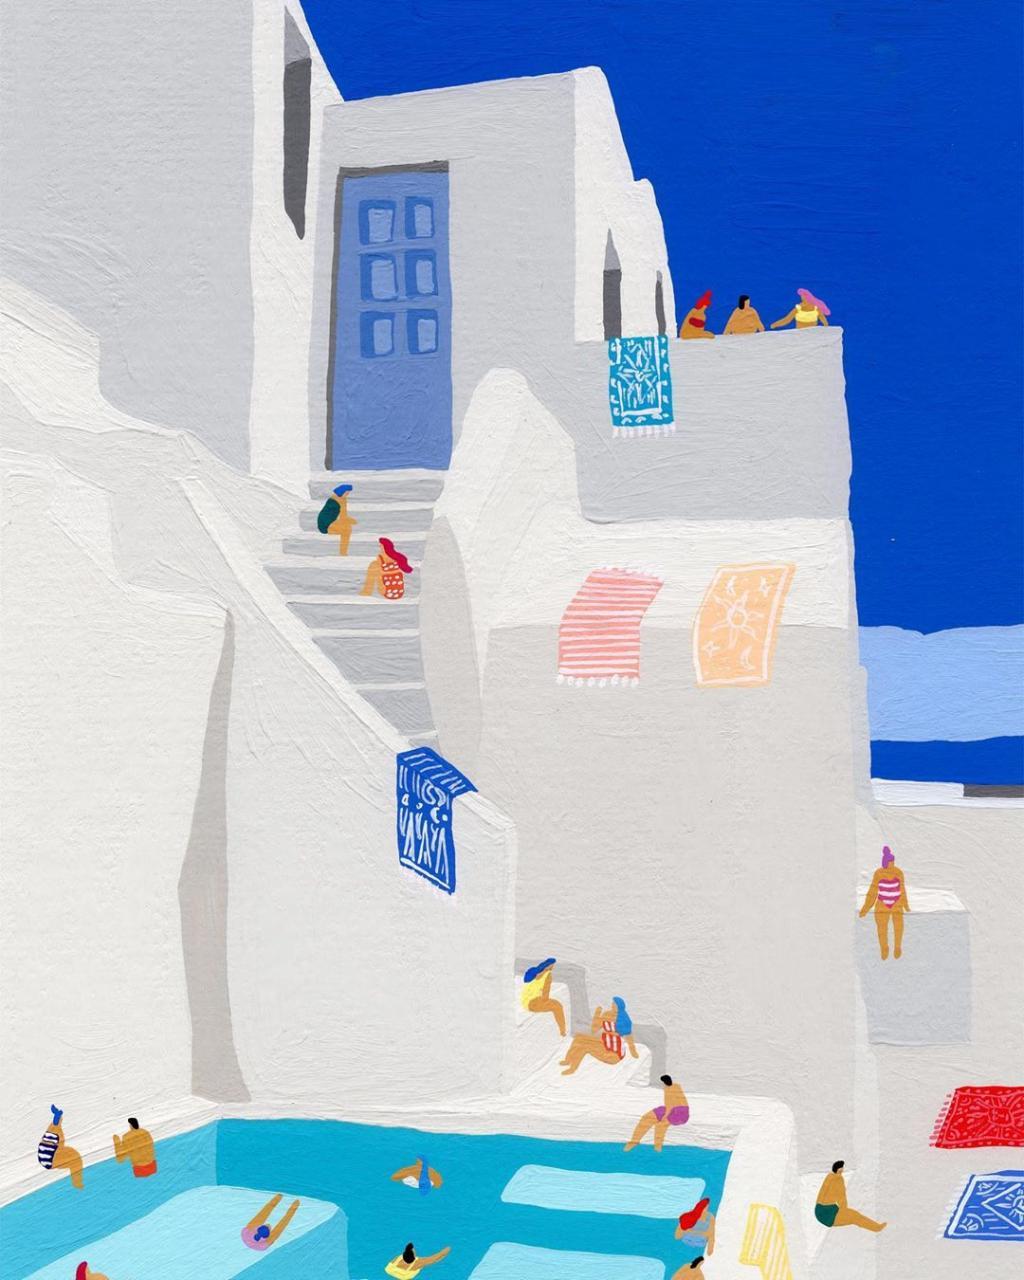 نگاهی به تصویرسازی های Joanne Ho